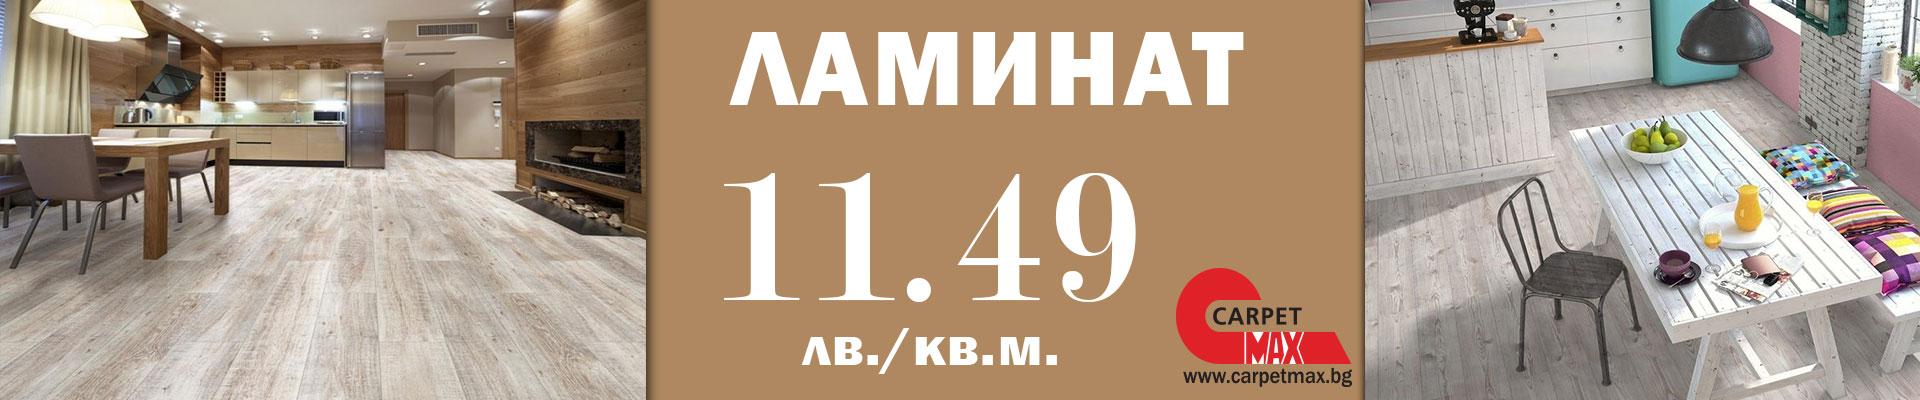 Ламинат 11.49 лв./кв.м.